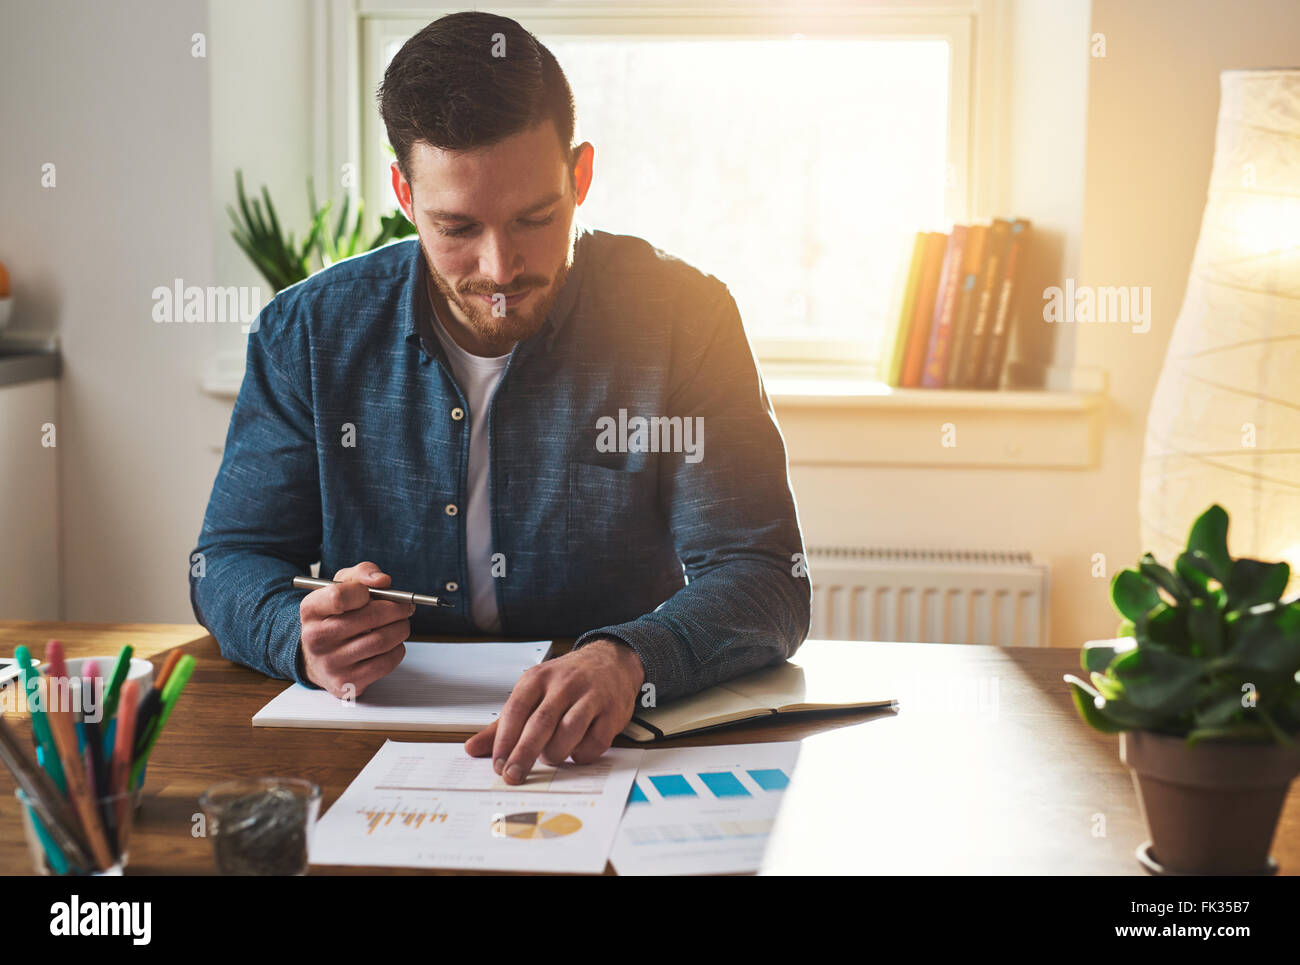 Imprenditore lavora su business tabelle e grafici come egli studi le prestazioni della sua piccola impresa e i piani Immagini Stock